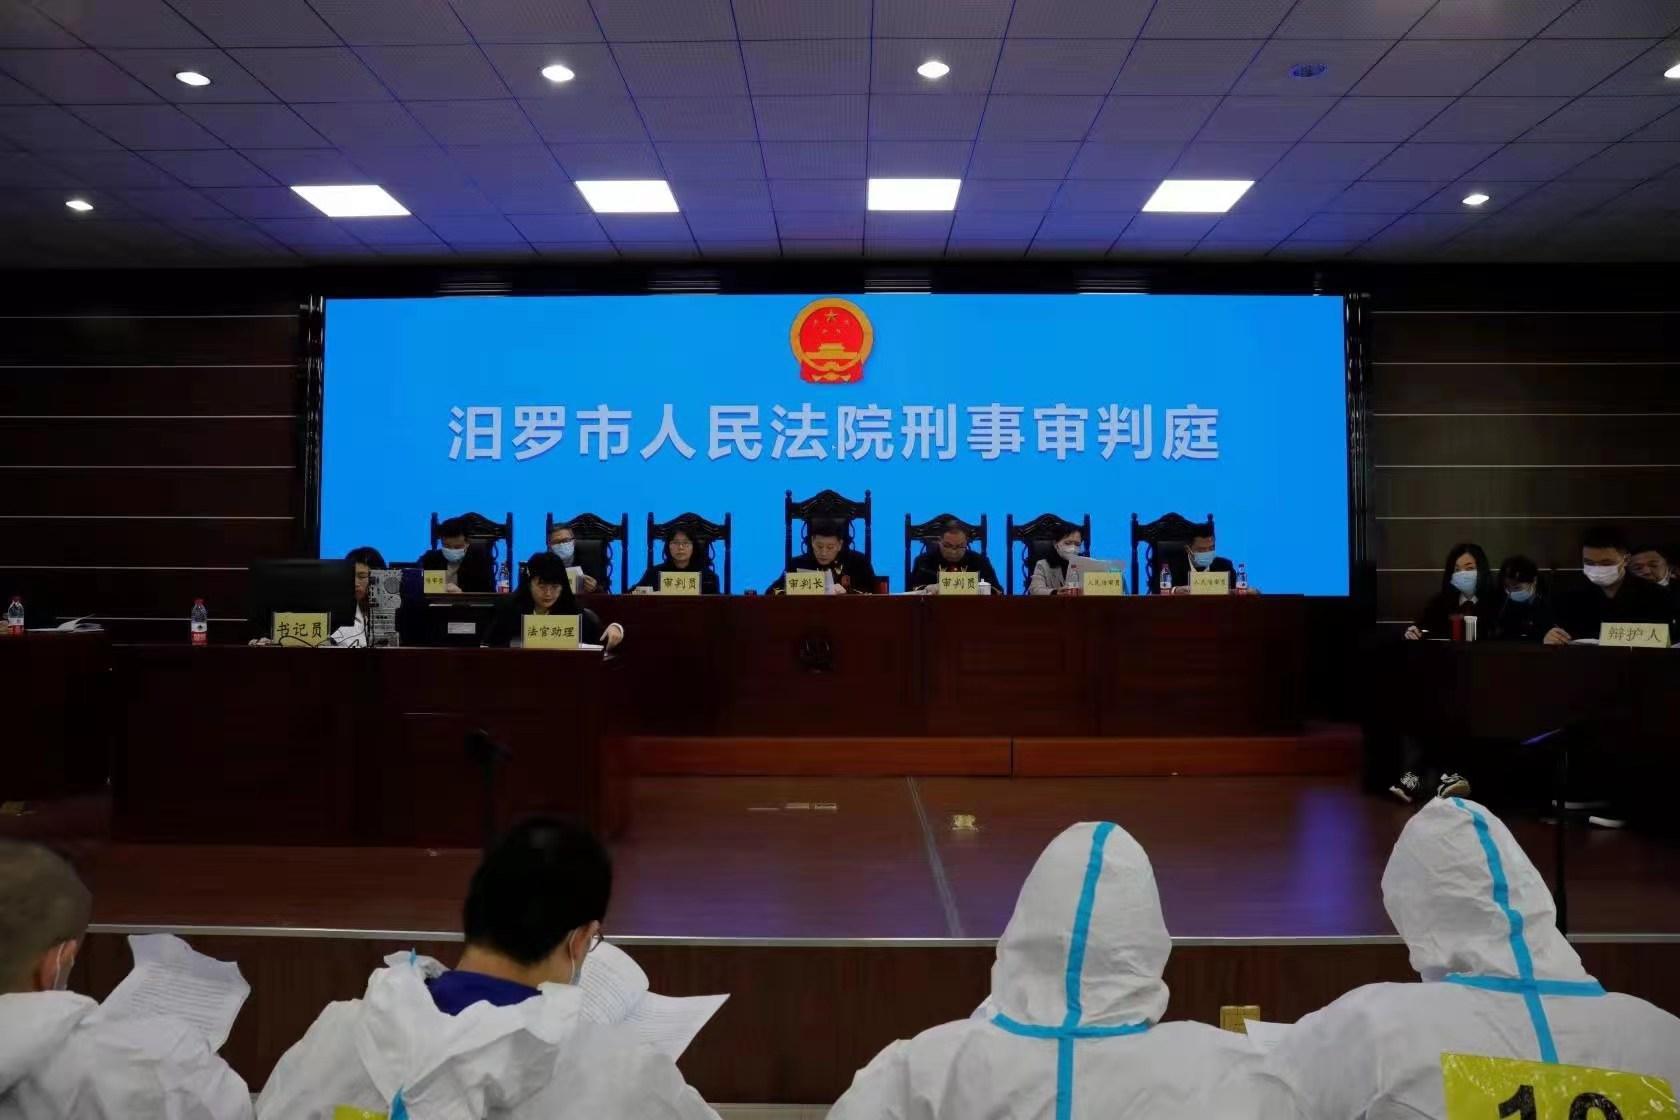 湖南审理一起千万元电诈大案:荐股、大数据清洗服务都是骗局